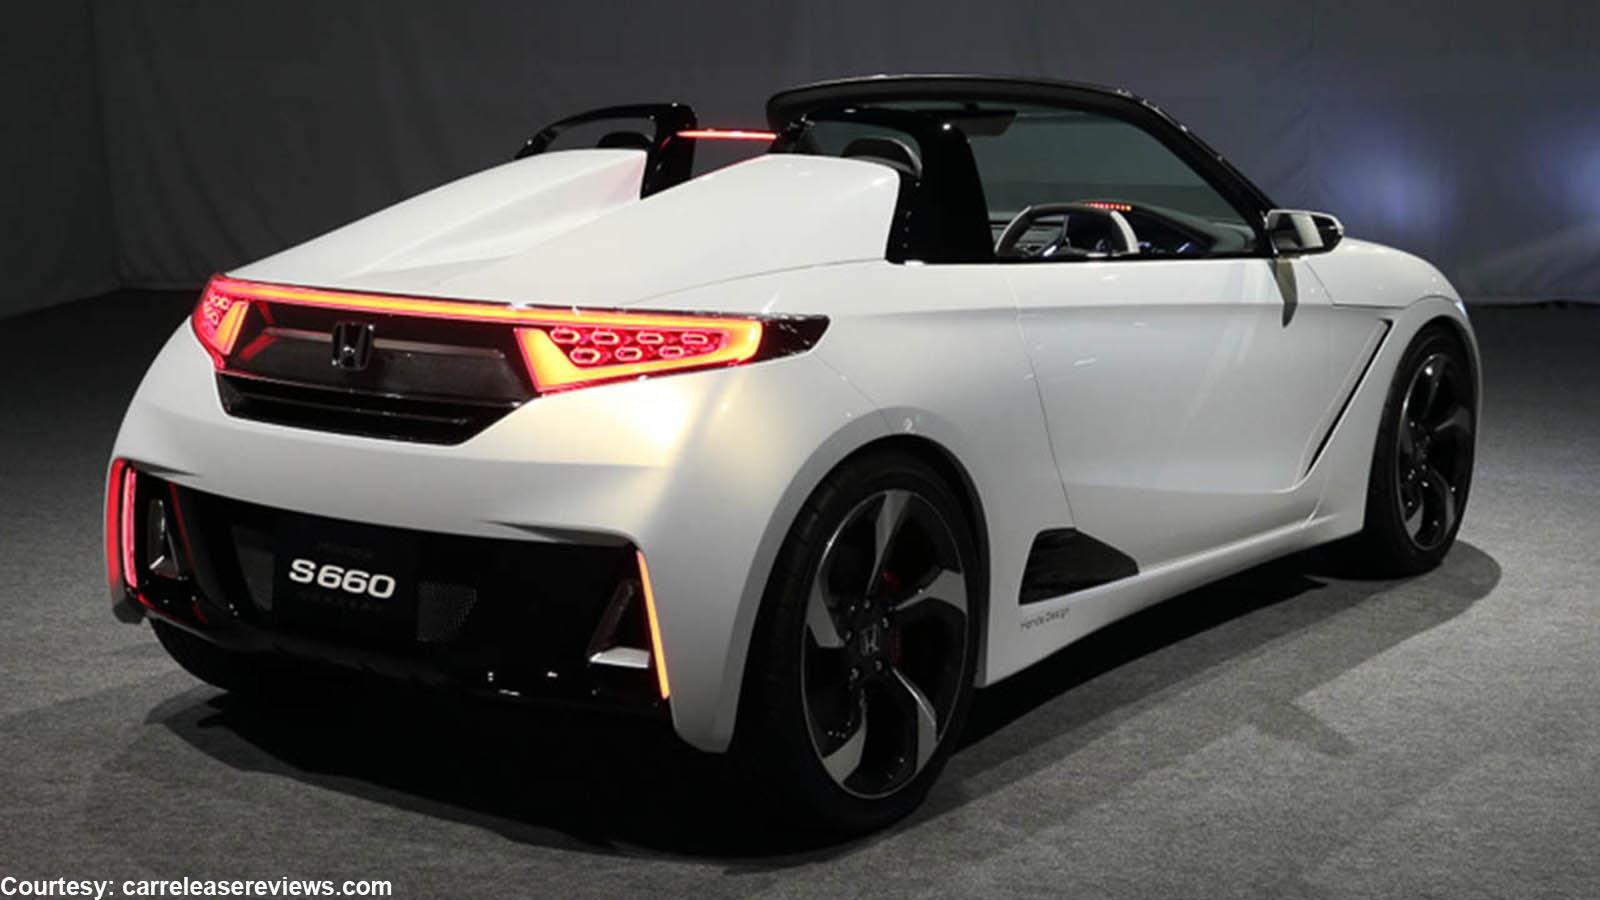 3. Honda S660